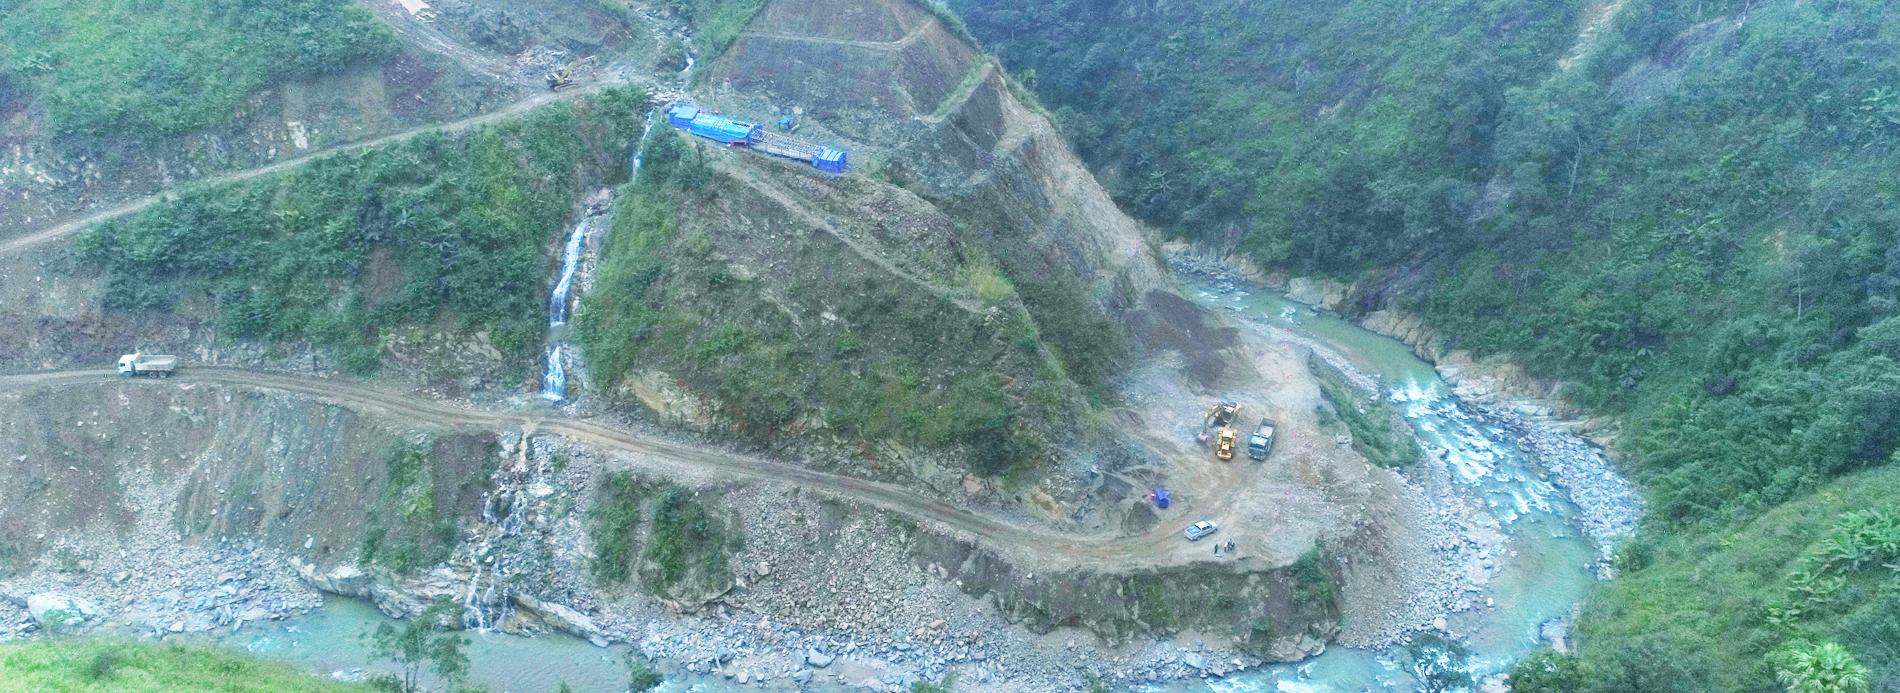 Nhà máy Thủy điện Háng Đồng B